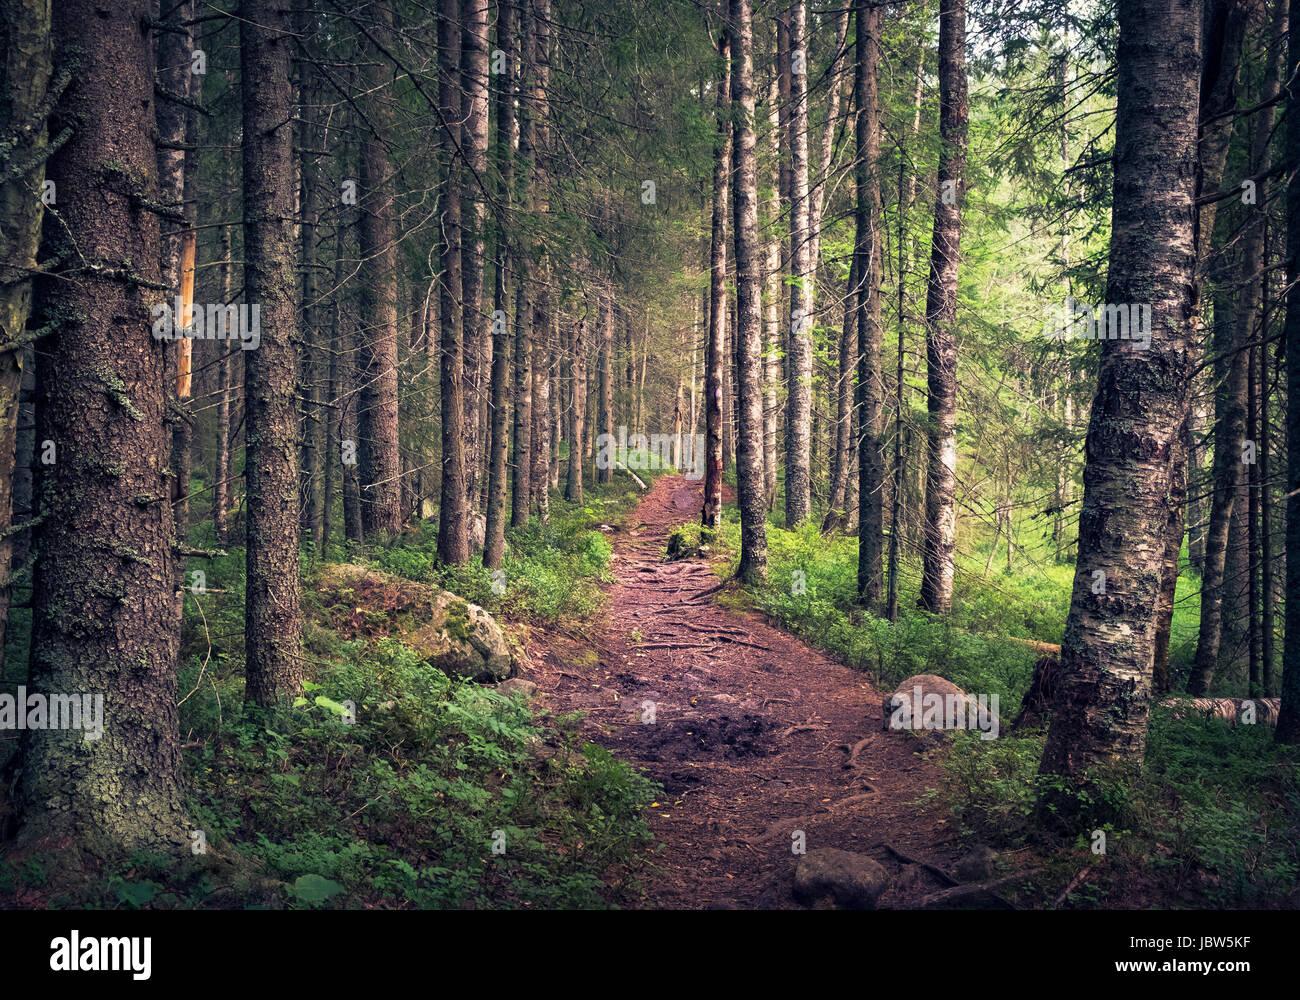 Paysage idyllique avec chemin et forêt vierge au matin d'été dans la région de Koli, Finlande Photo Stock